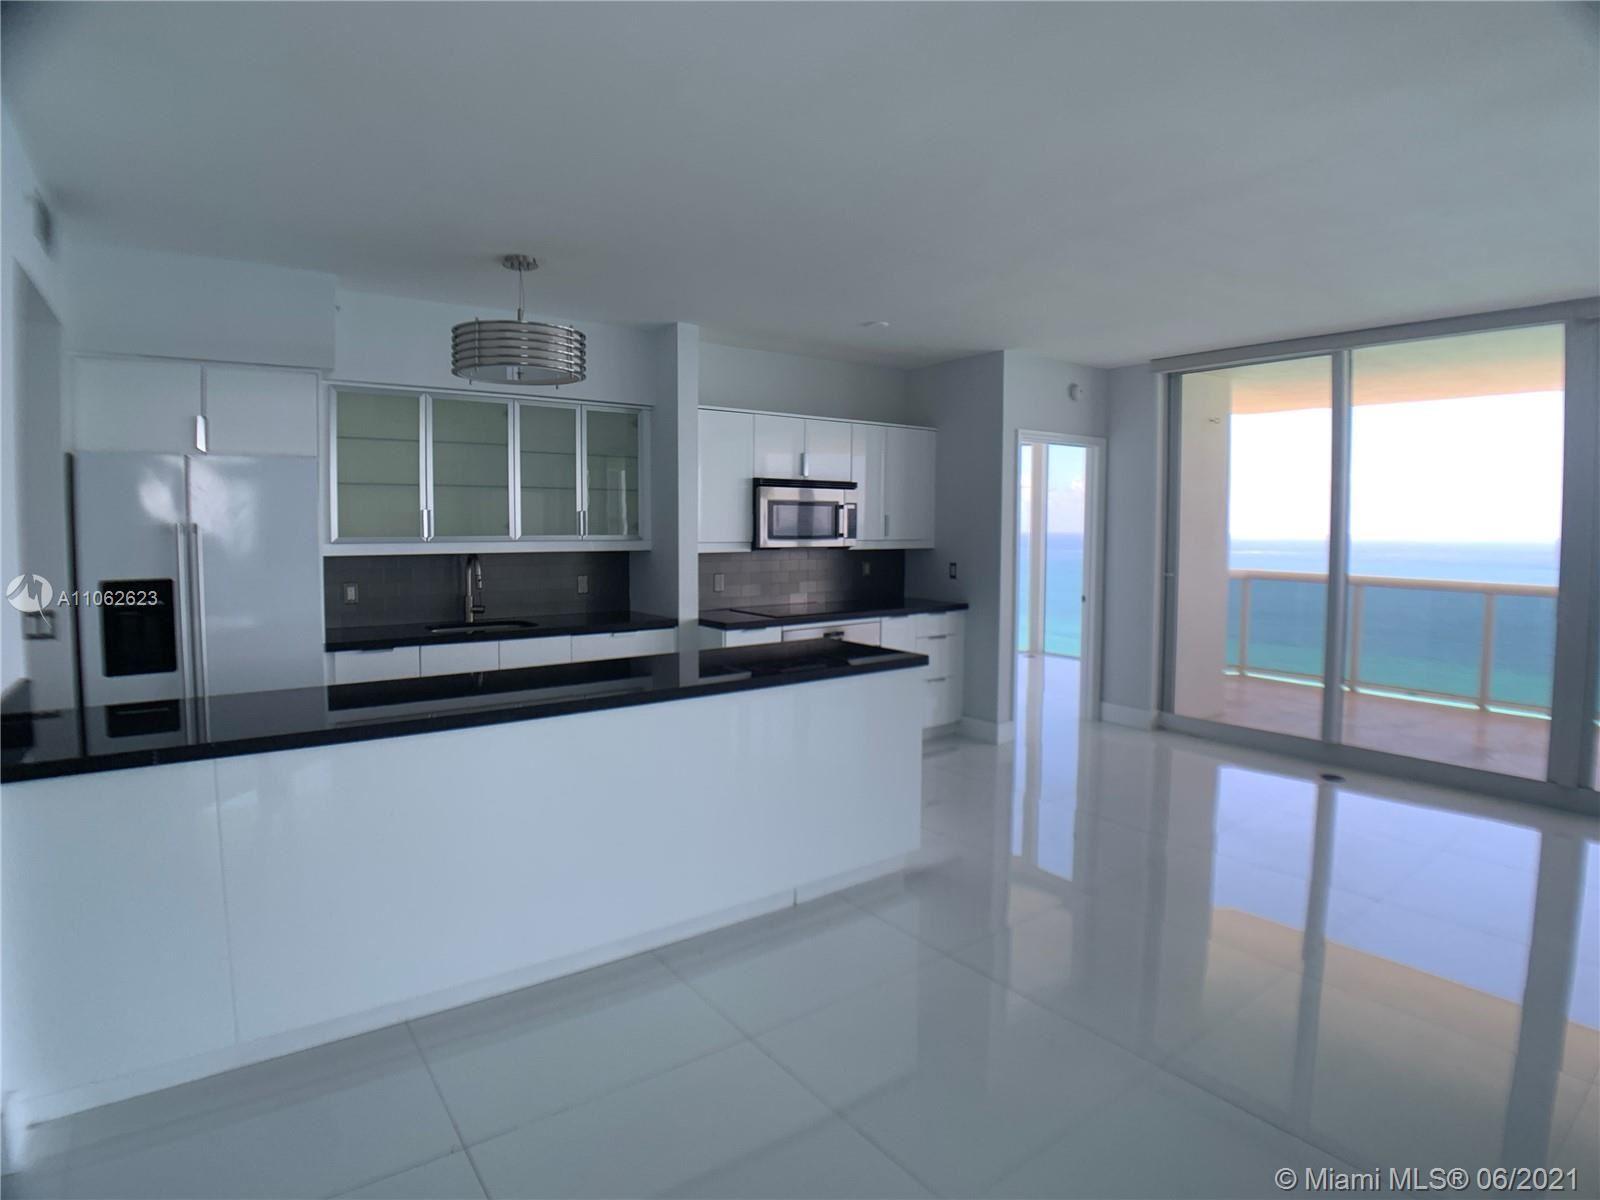 4775 Collins Ave #3902, Miami Beach, FL 33140 - #: A11062623